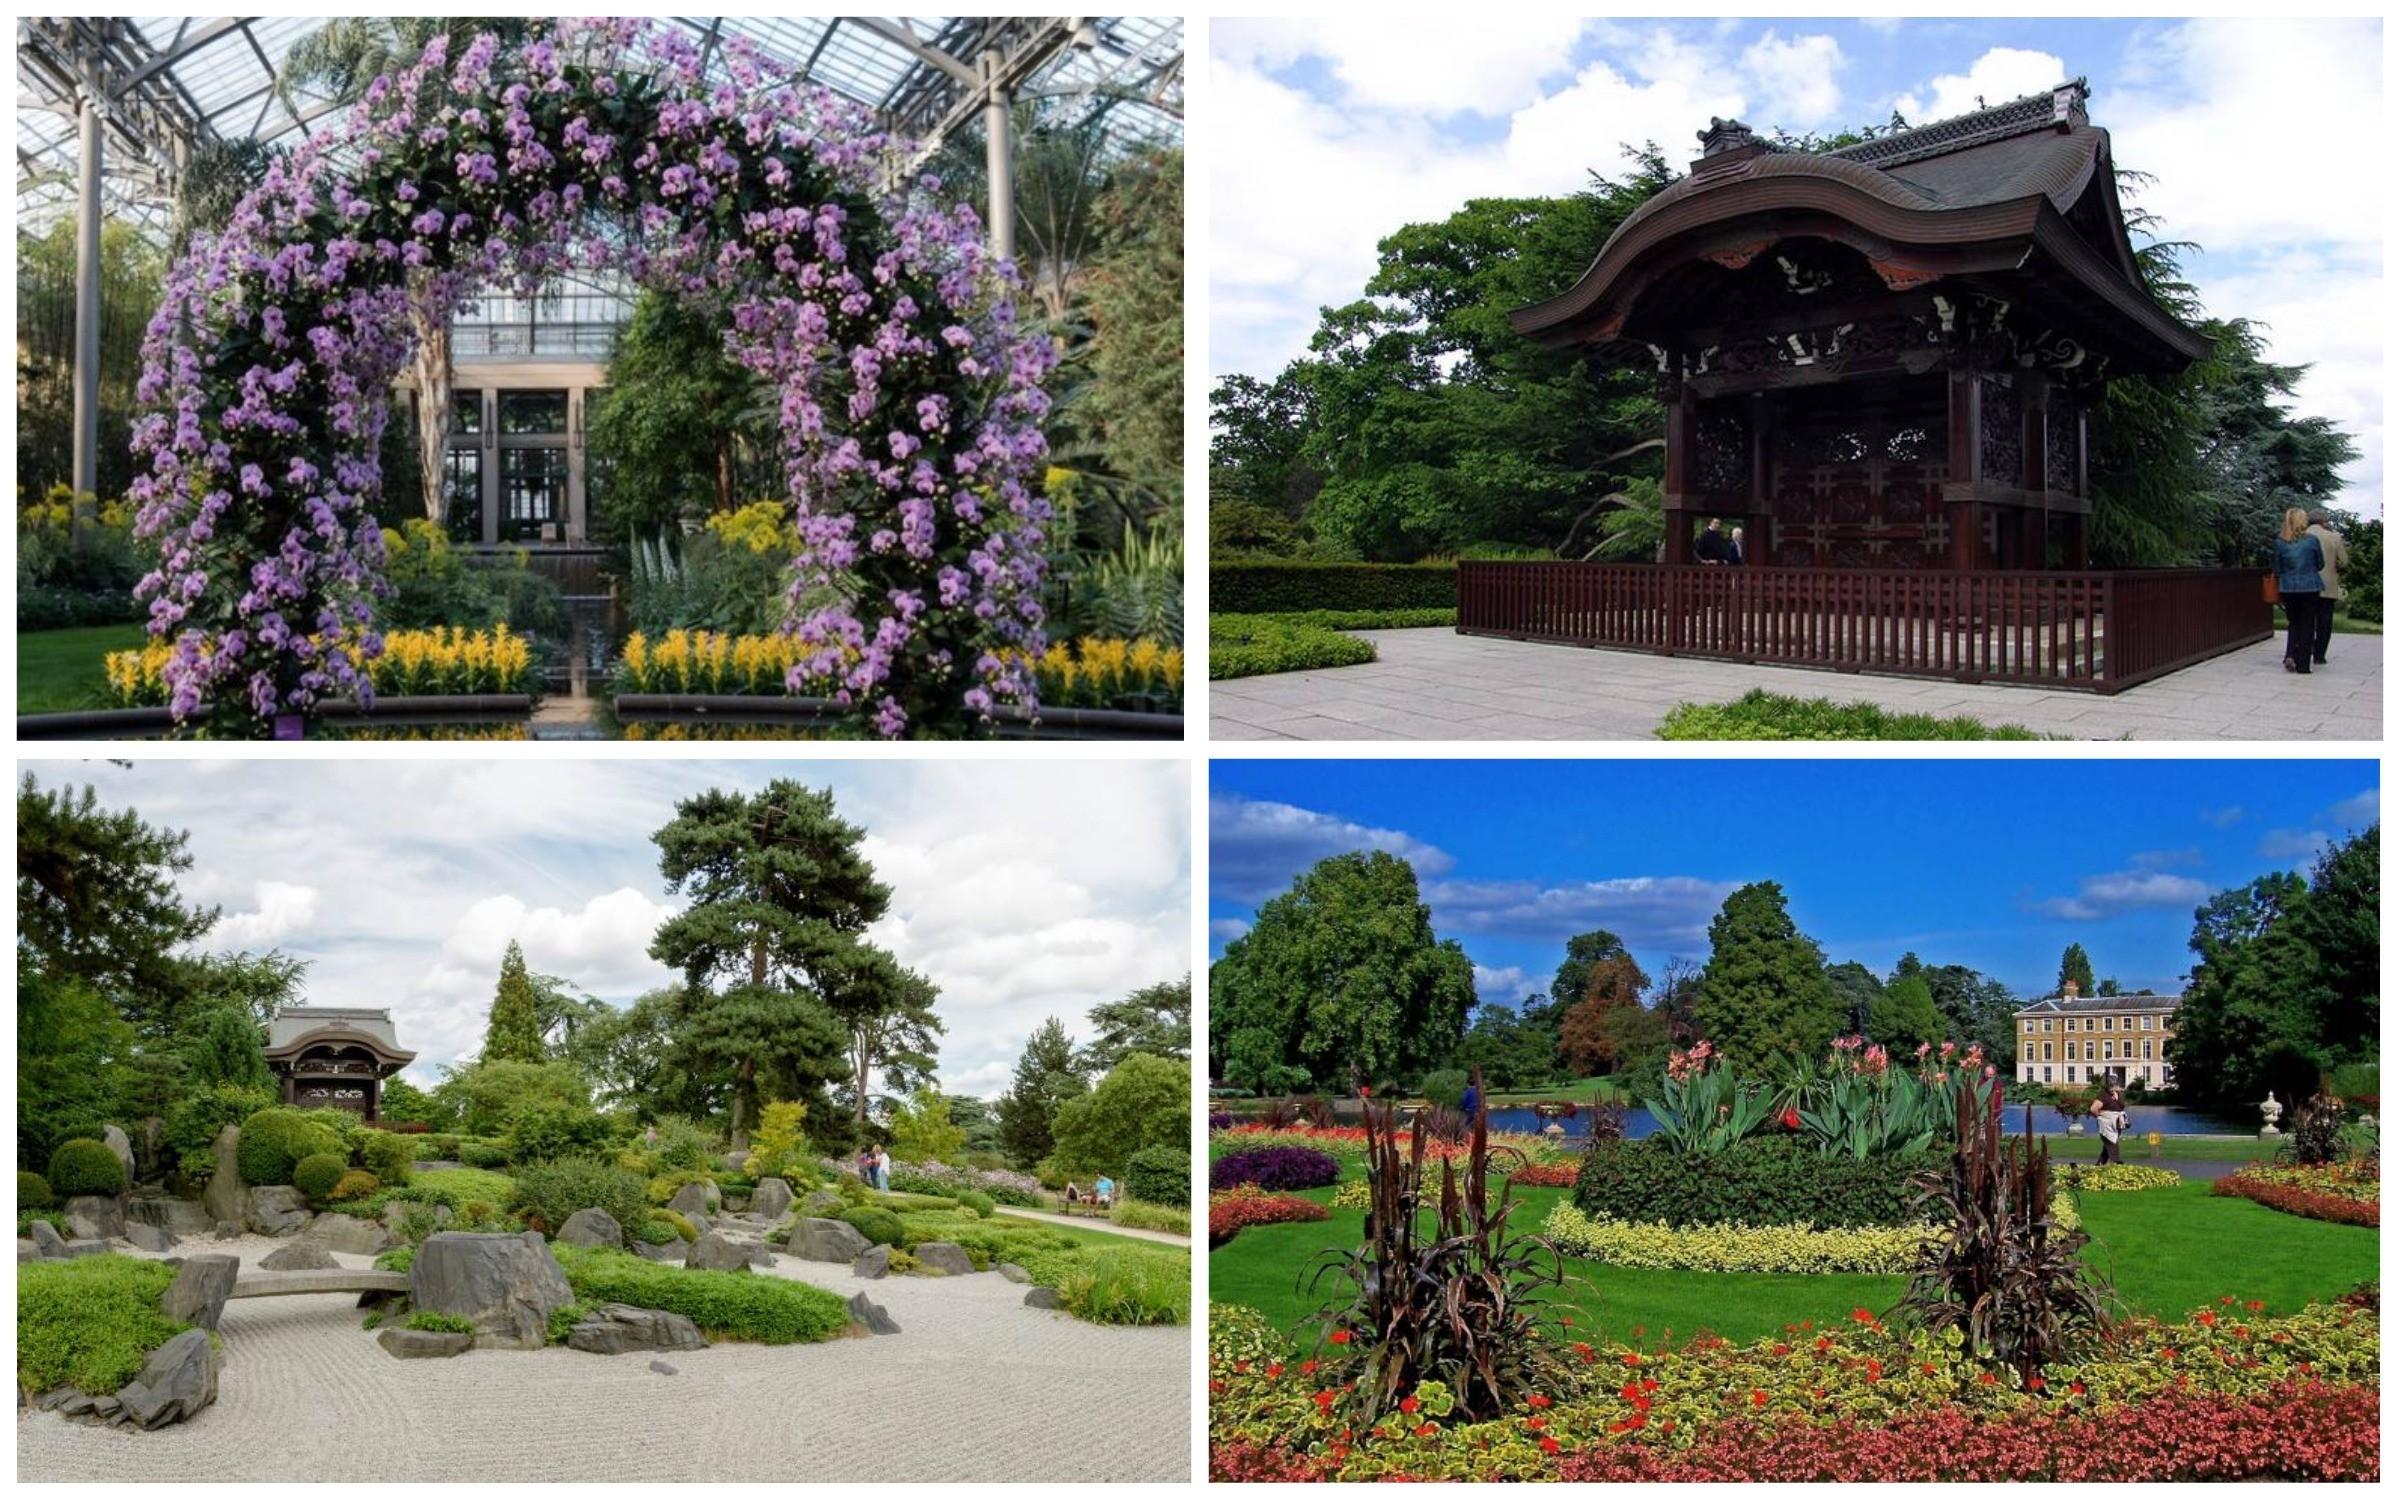 изображение Kew Gardens достопримечательности